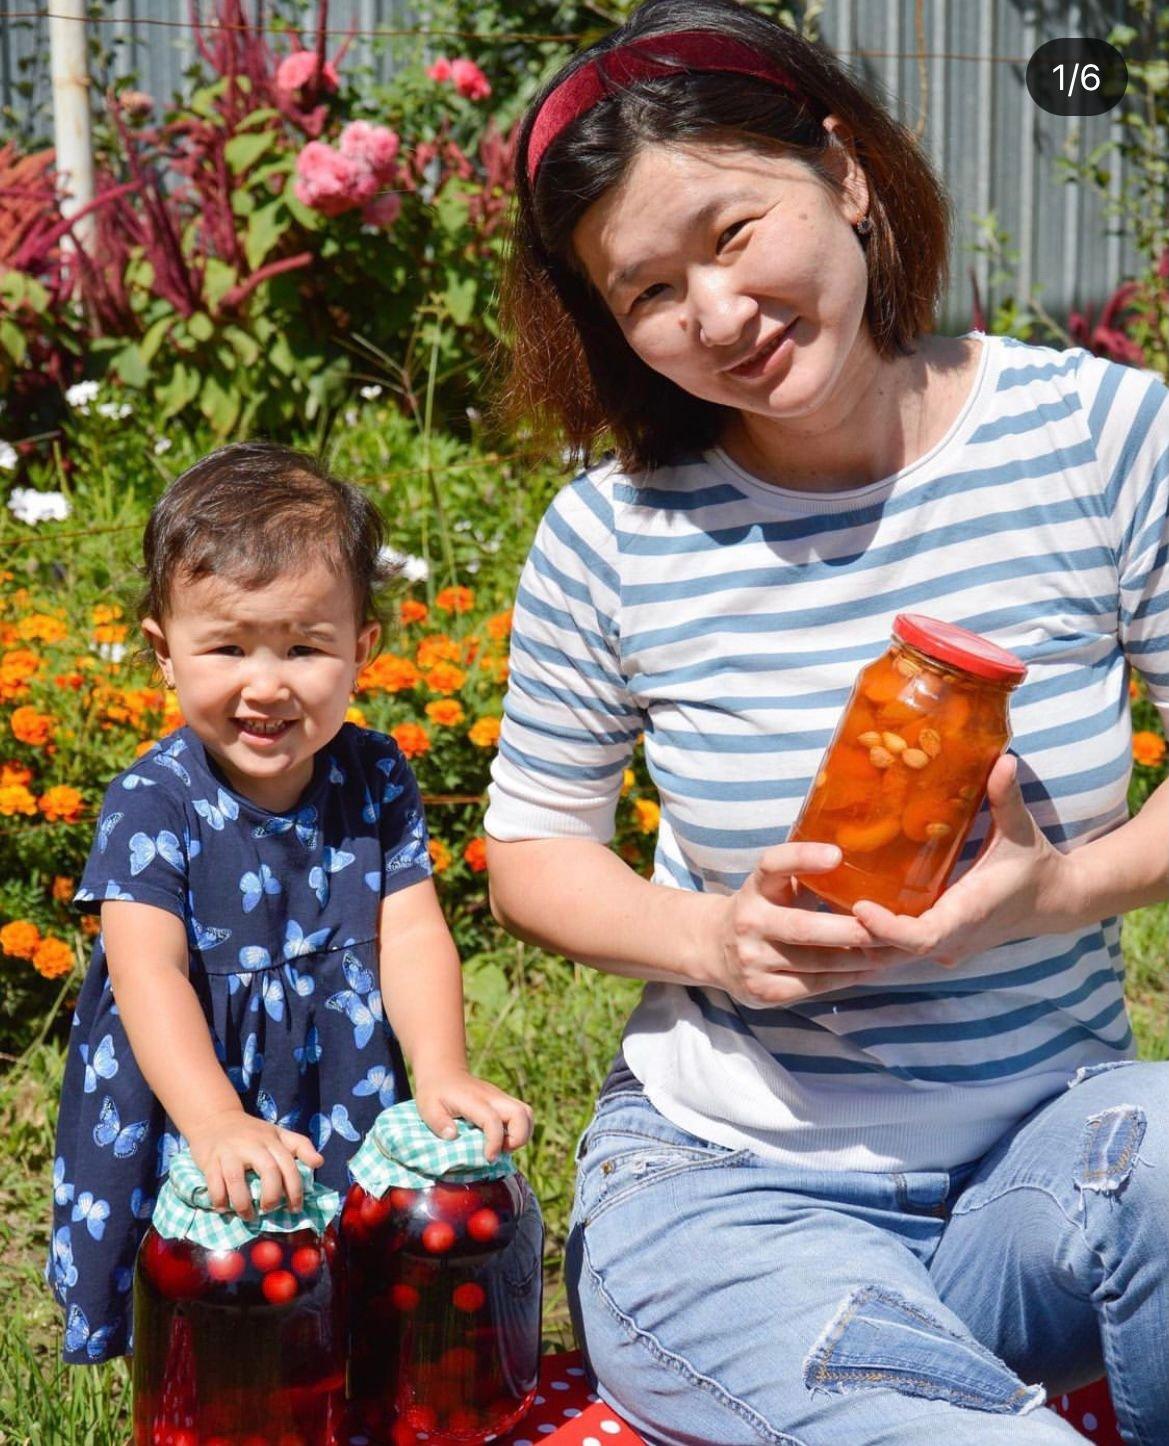 500 бесплатных доставок выиграла предпринимательница из Алматы, фото-1